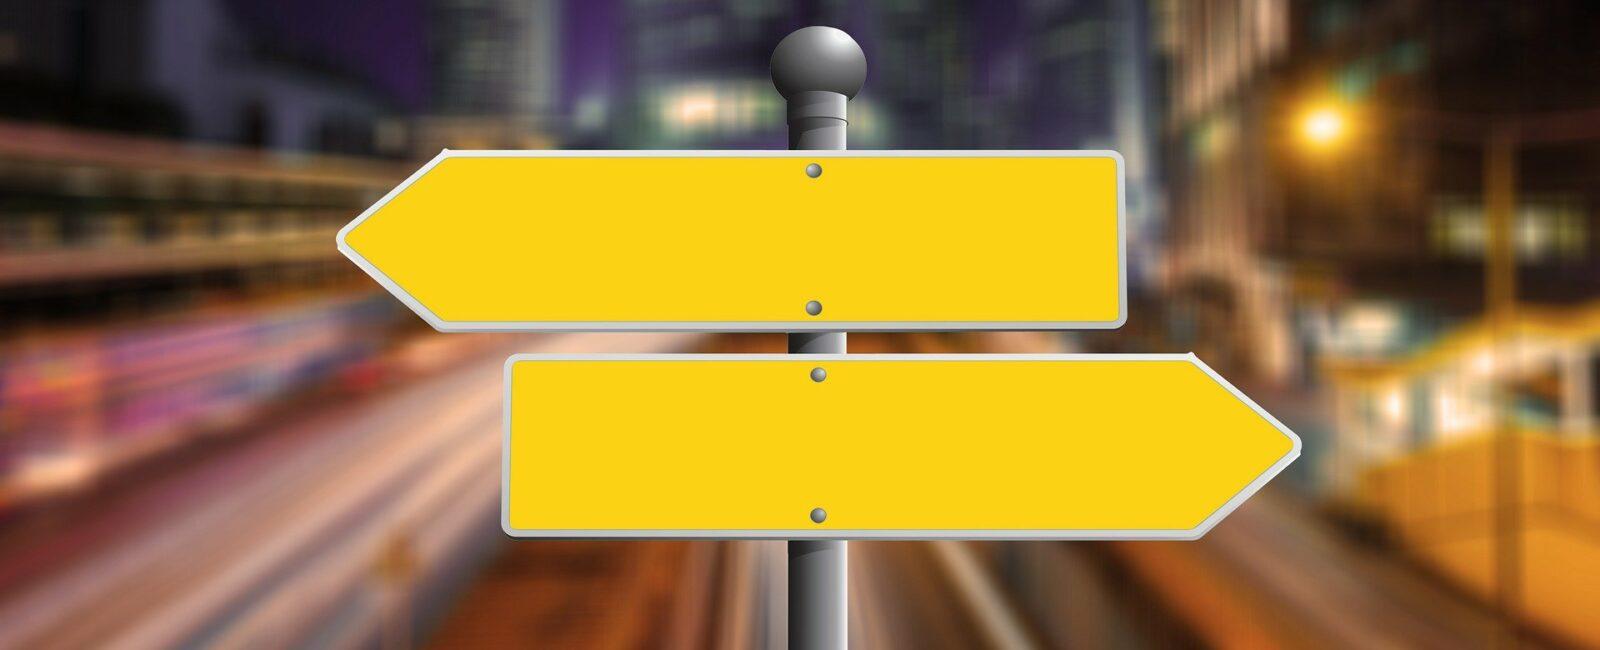 Betriebsänderung, Betriebsübergang und -schließung (Online-Teilnahme möglich)